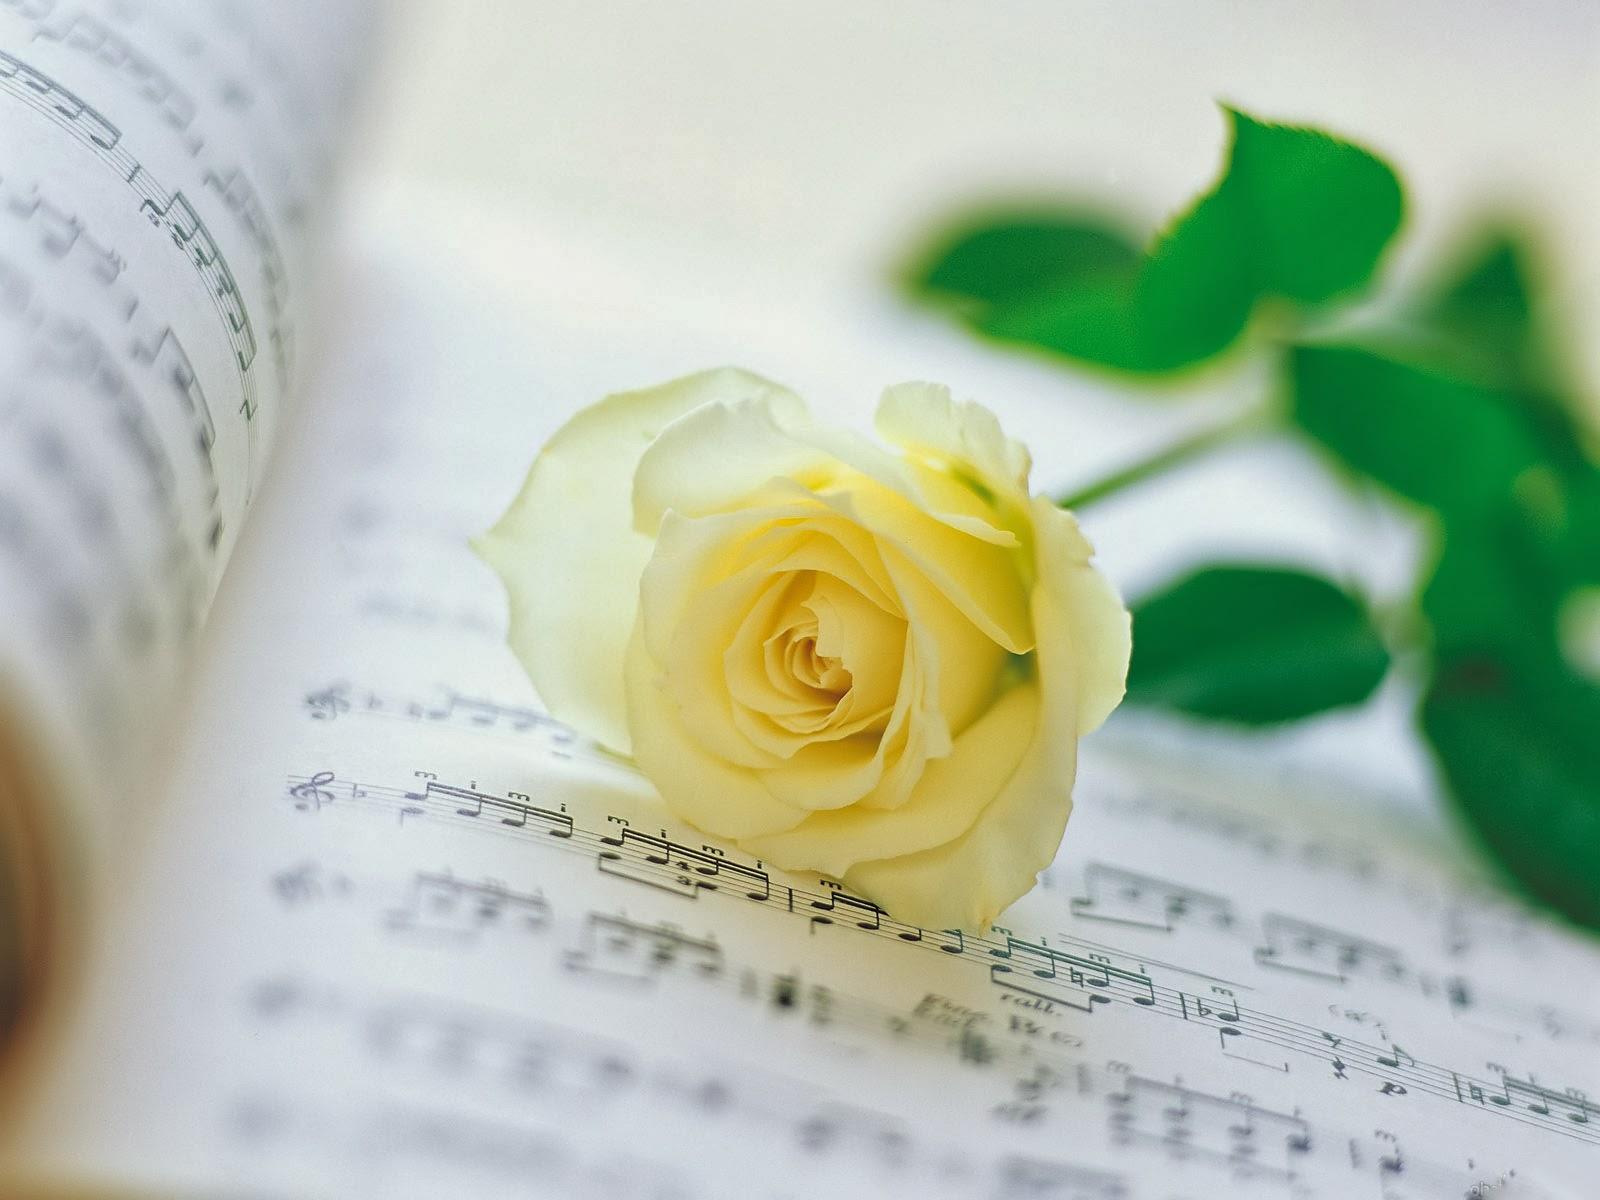 Hoa hồng trắng trên tập âm nhạc